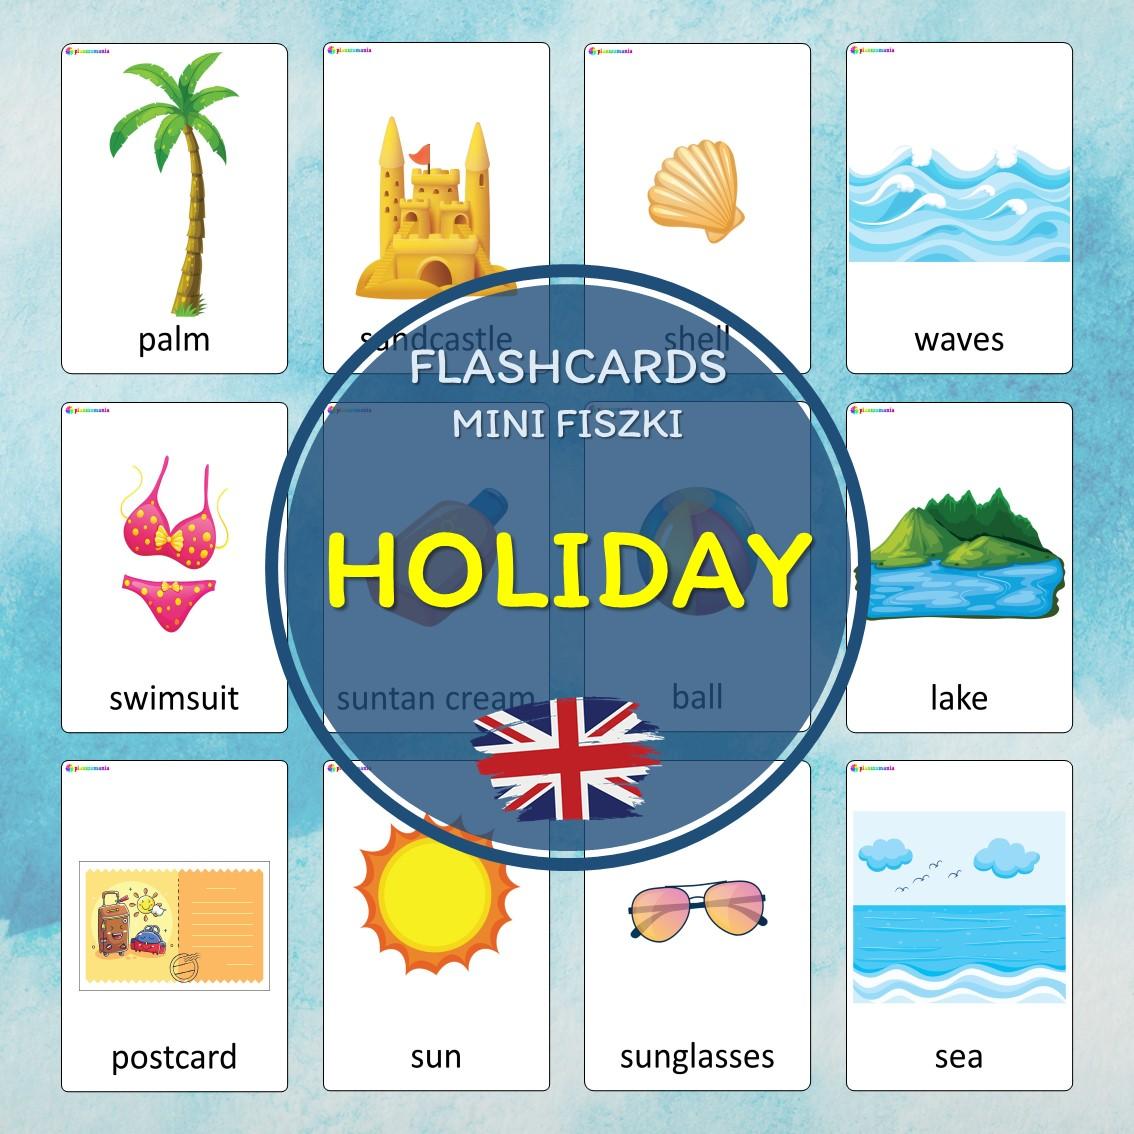 holiday flashcards język angielski english version fiszki do nauki słówek pdf do druku